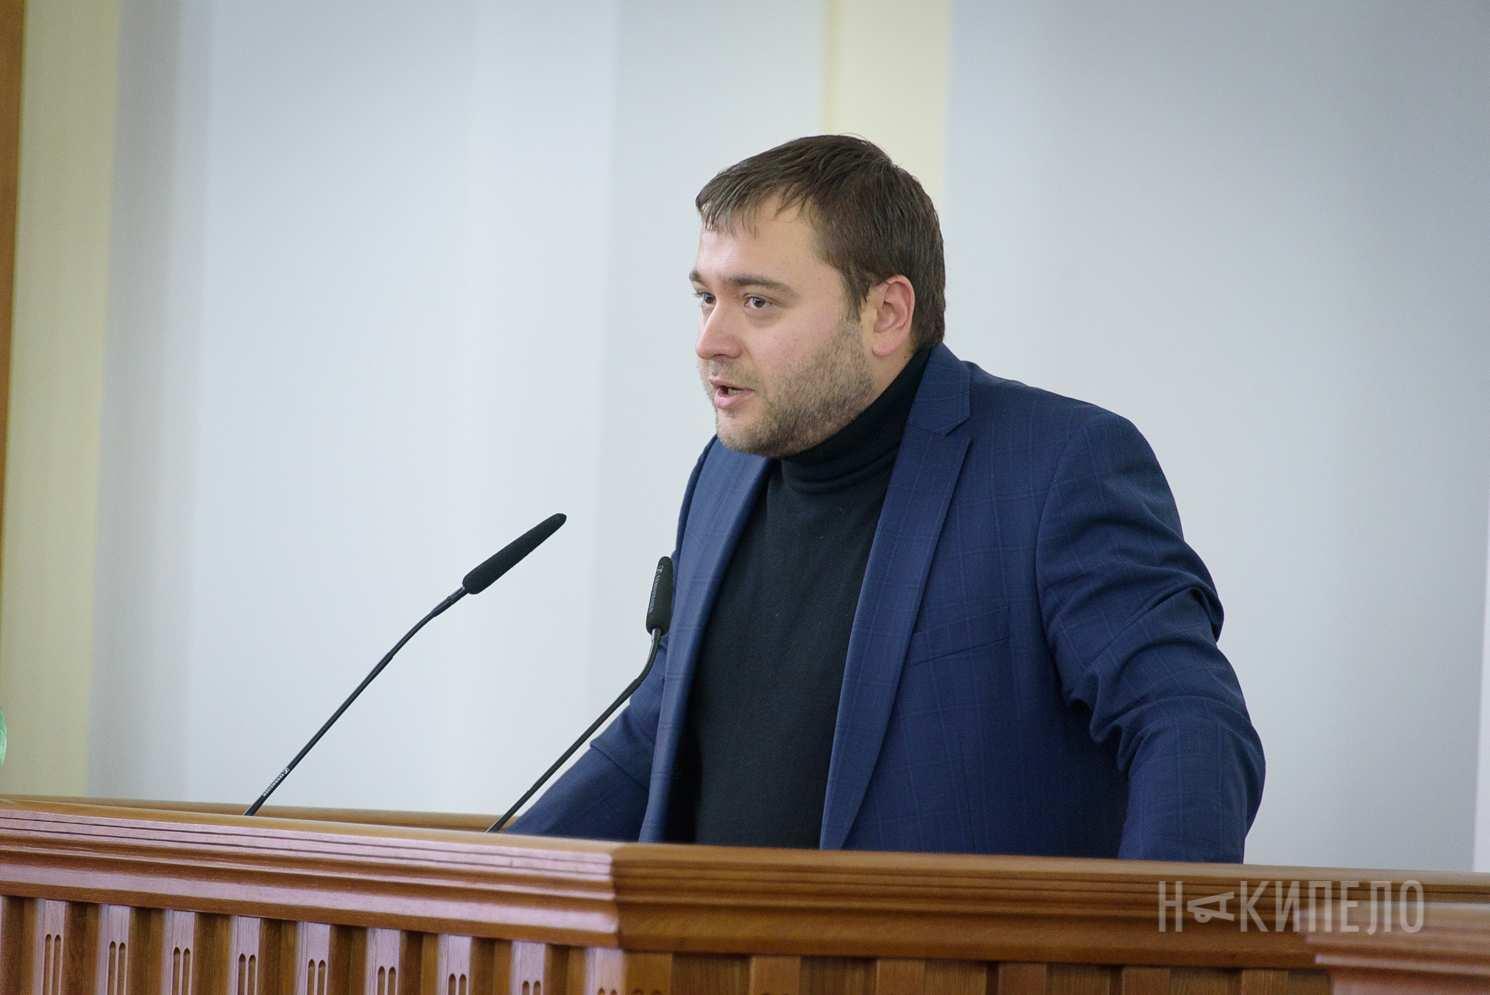 Харьковский горсовет отказался отнять сенатораРФ звания «почетного гражданина»